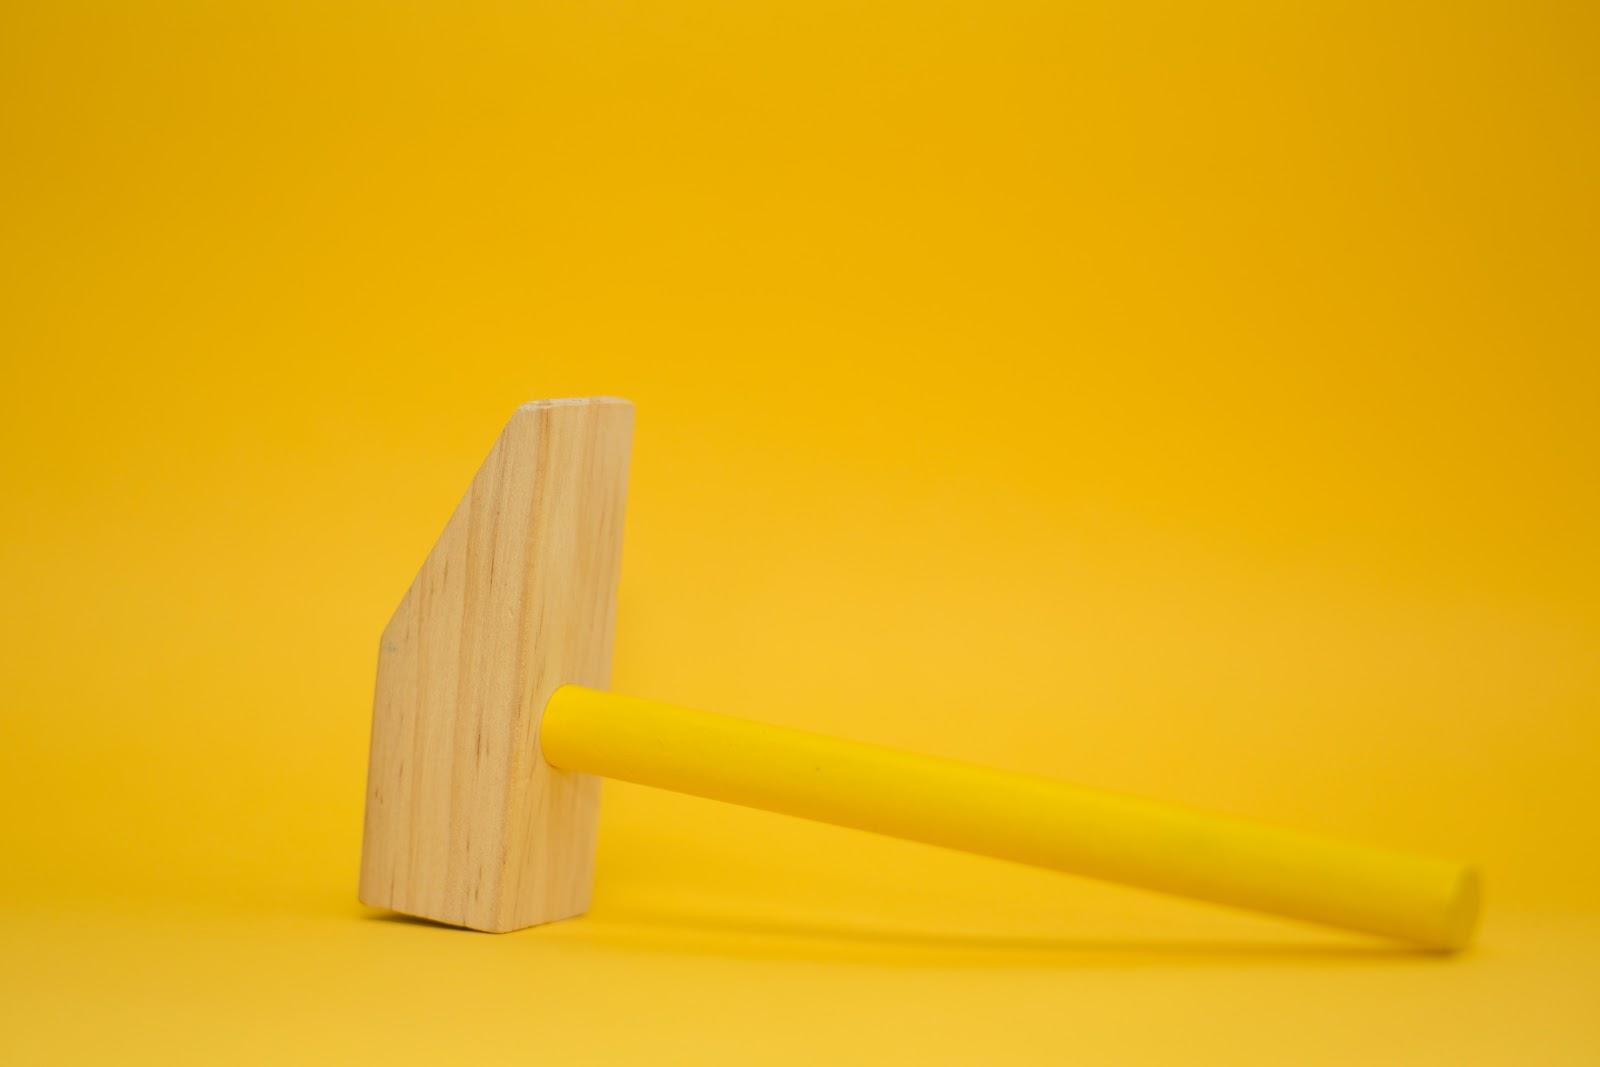 Wooden toy hammer